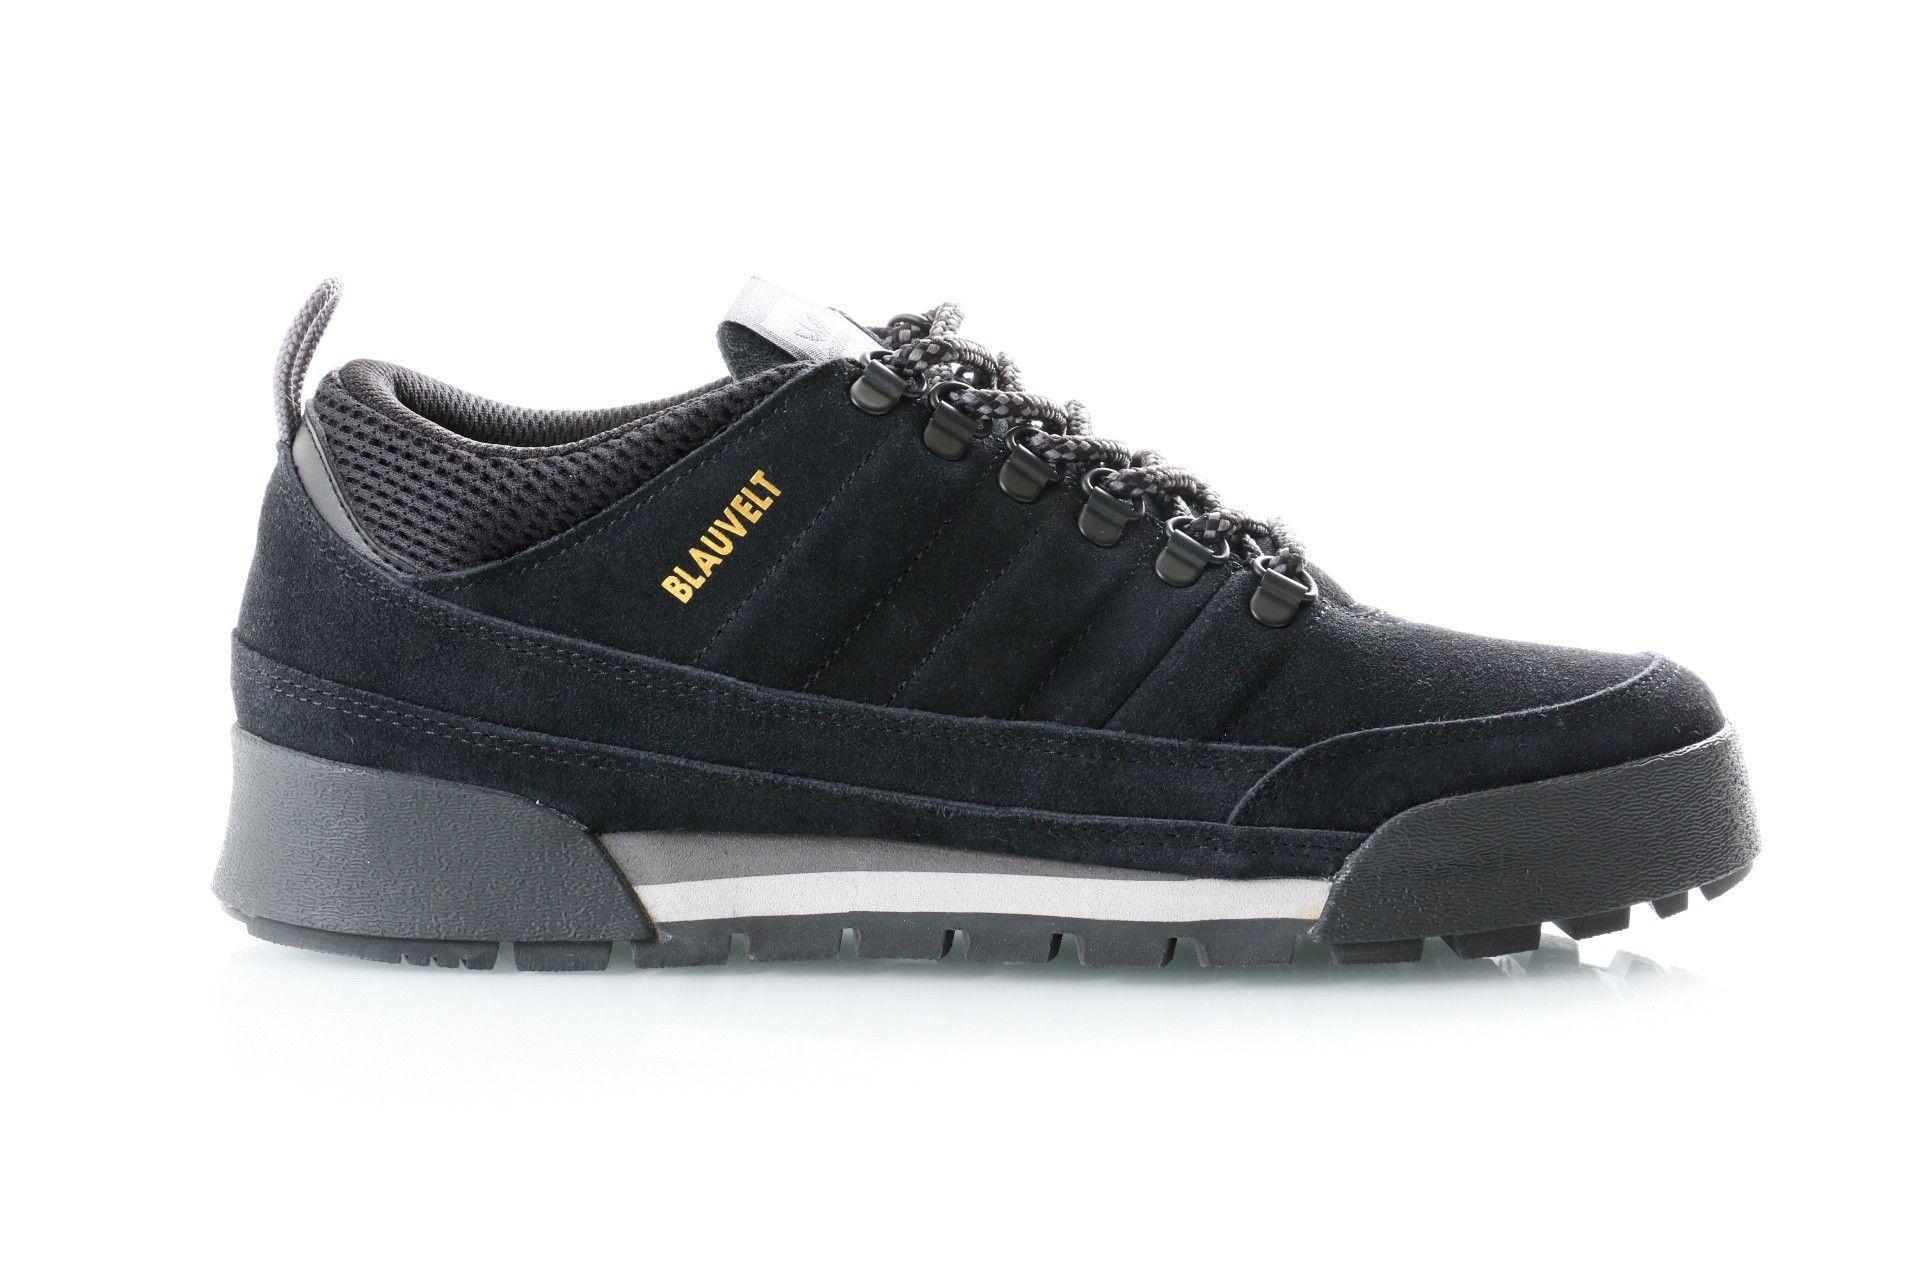 Afbeelding van Adidas Jake Boot 2.0 Low Ee6208 Sneakers Cblack/Carbon/Grefiv